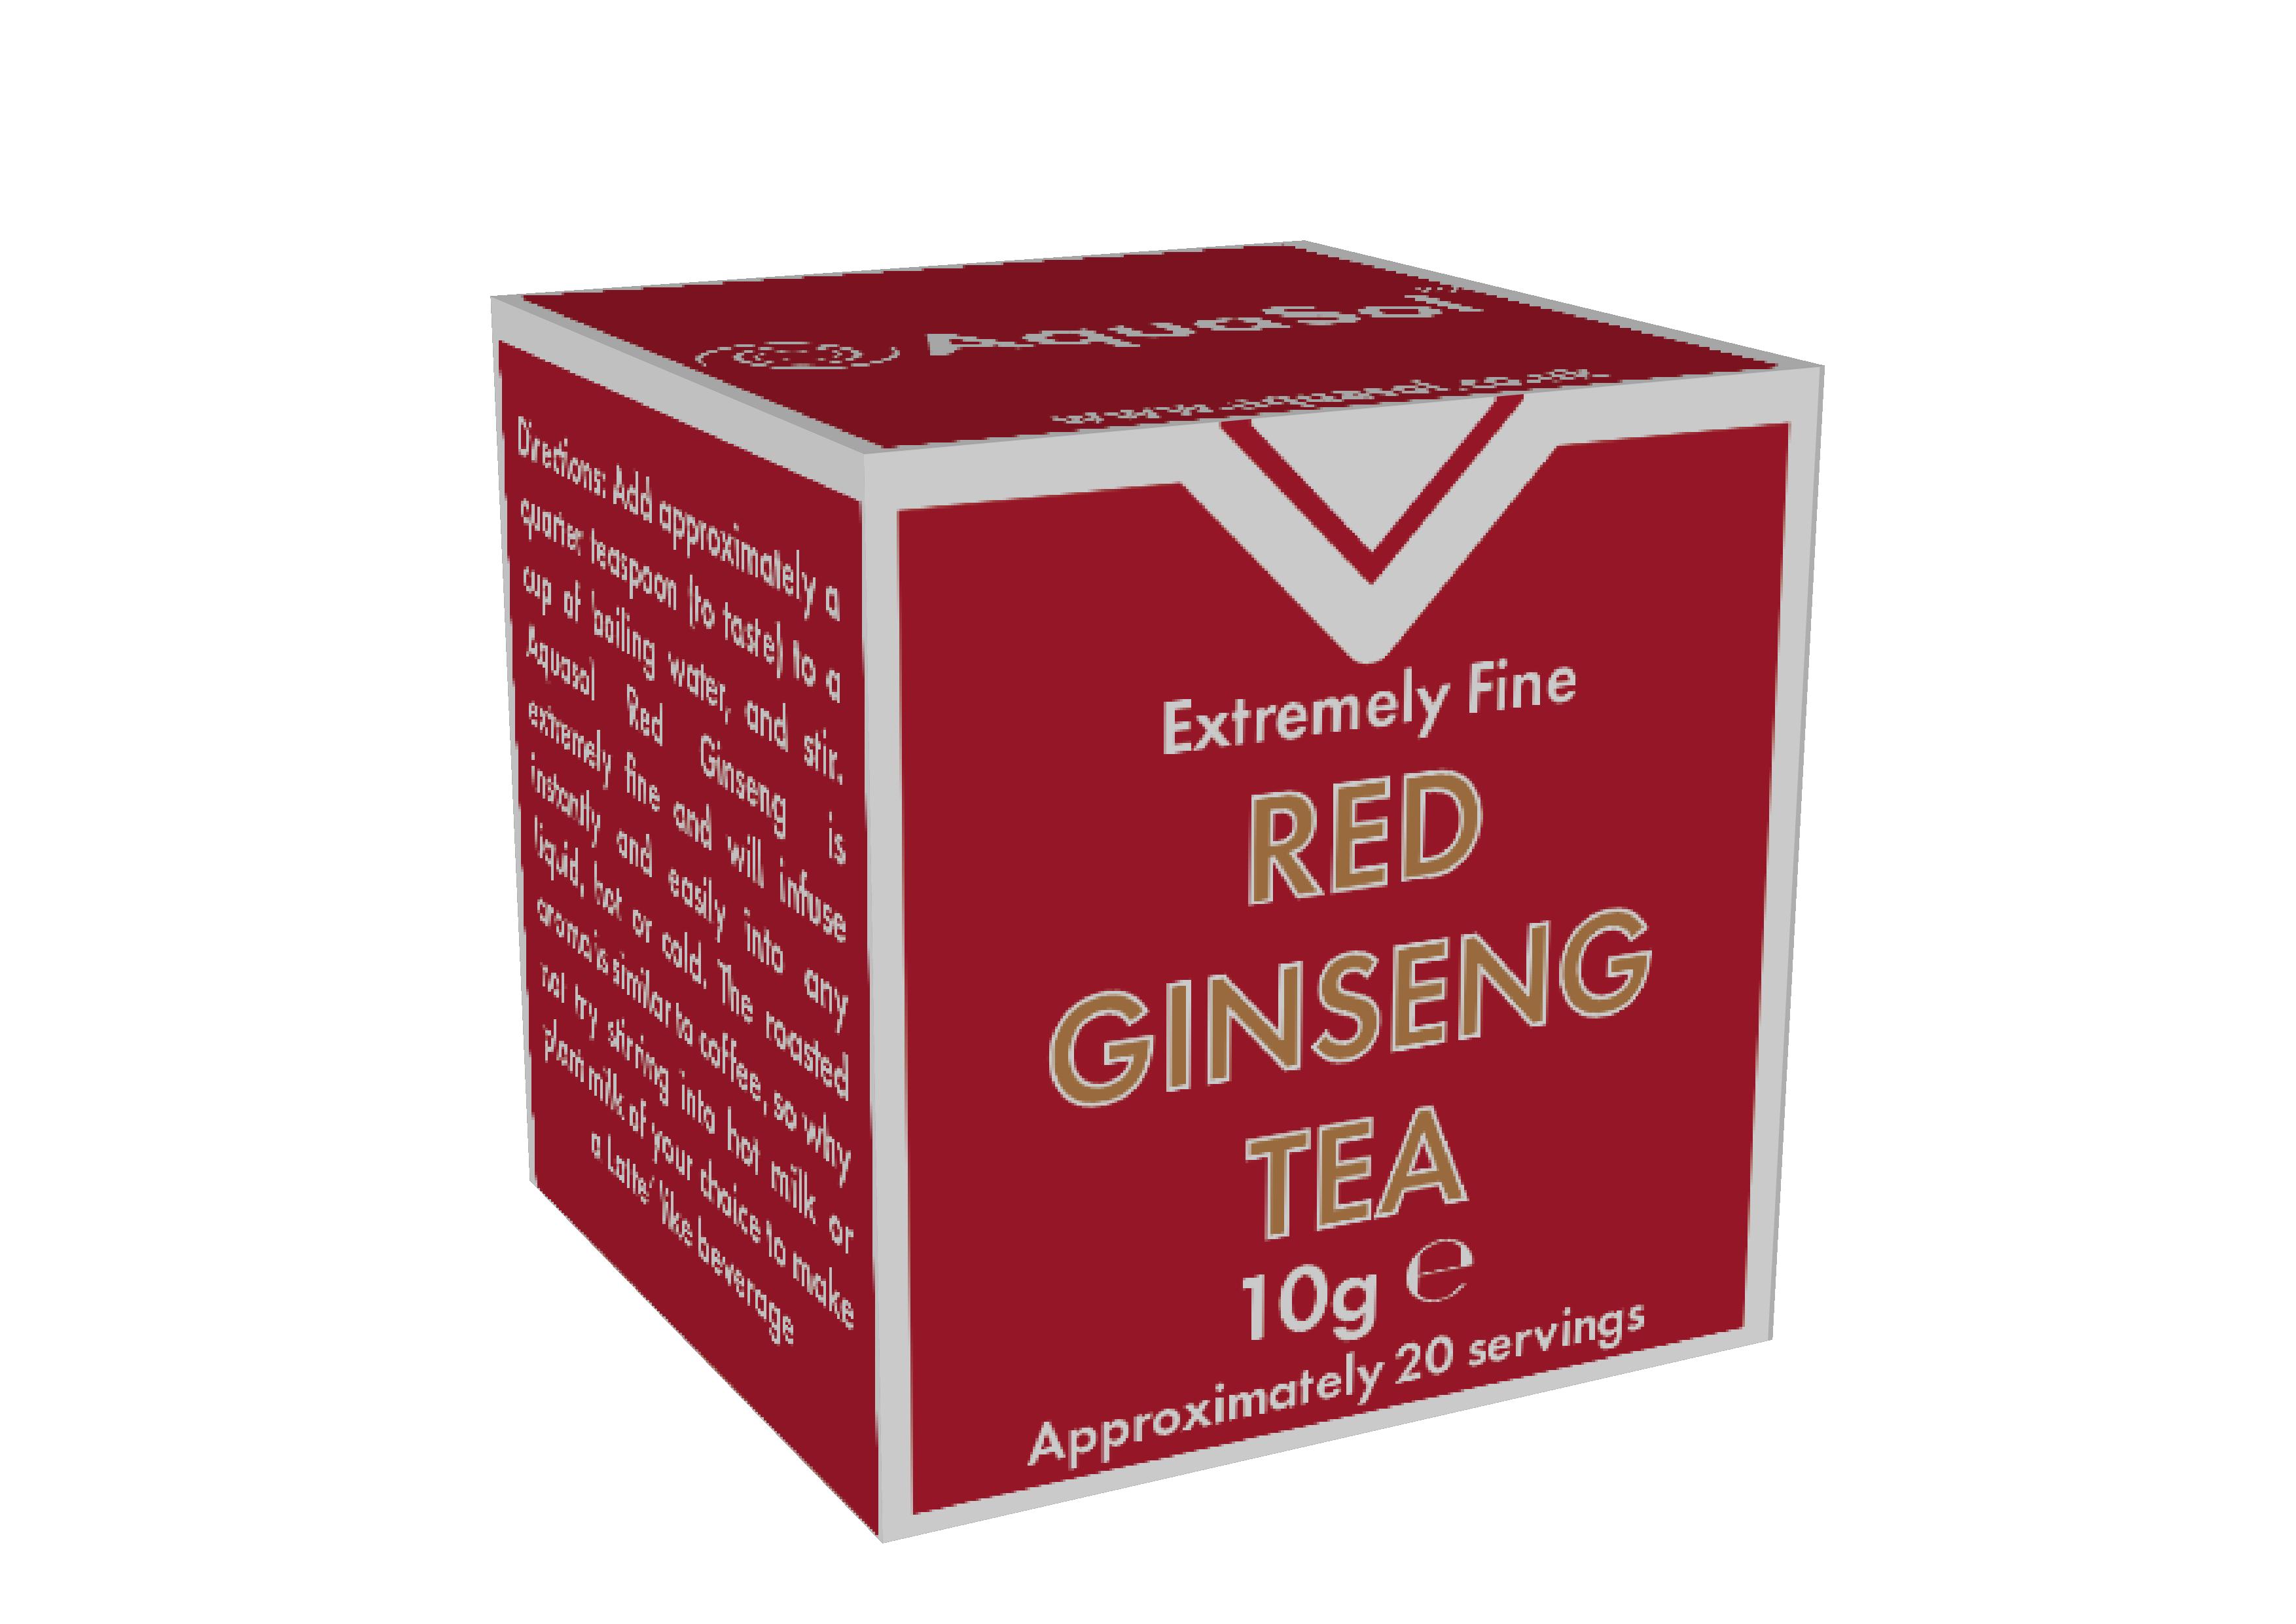 Red Ginseng Tea 10g